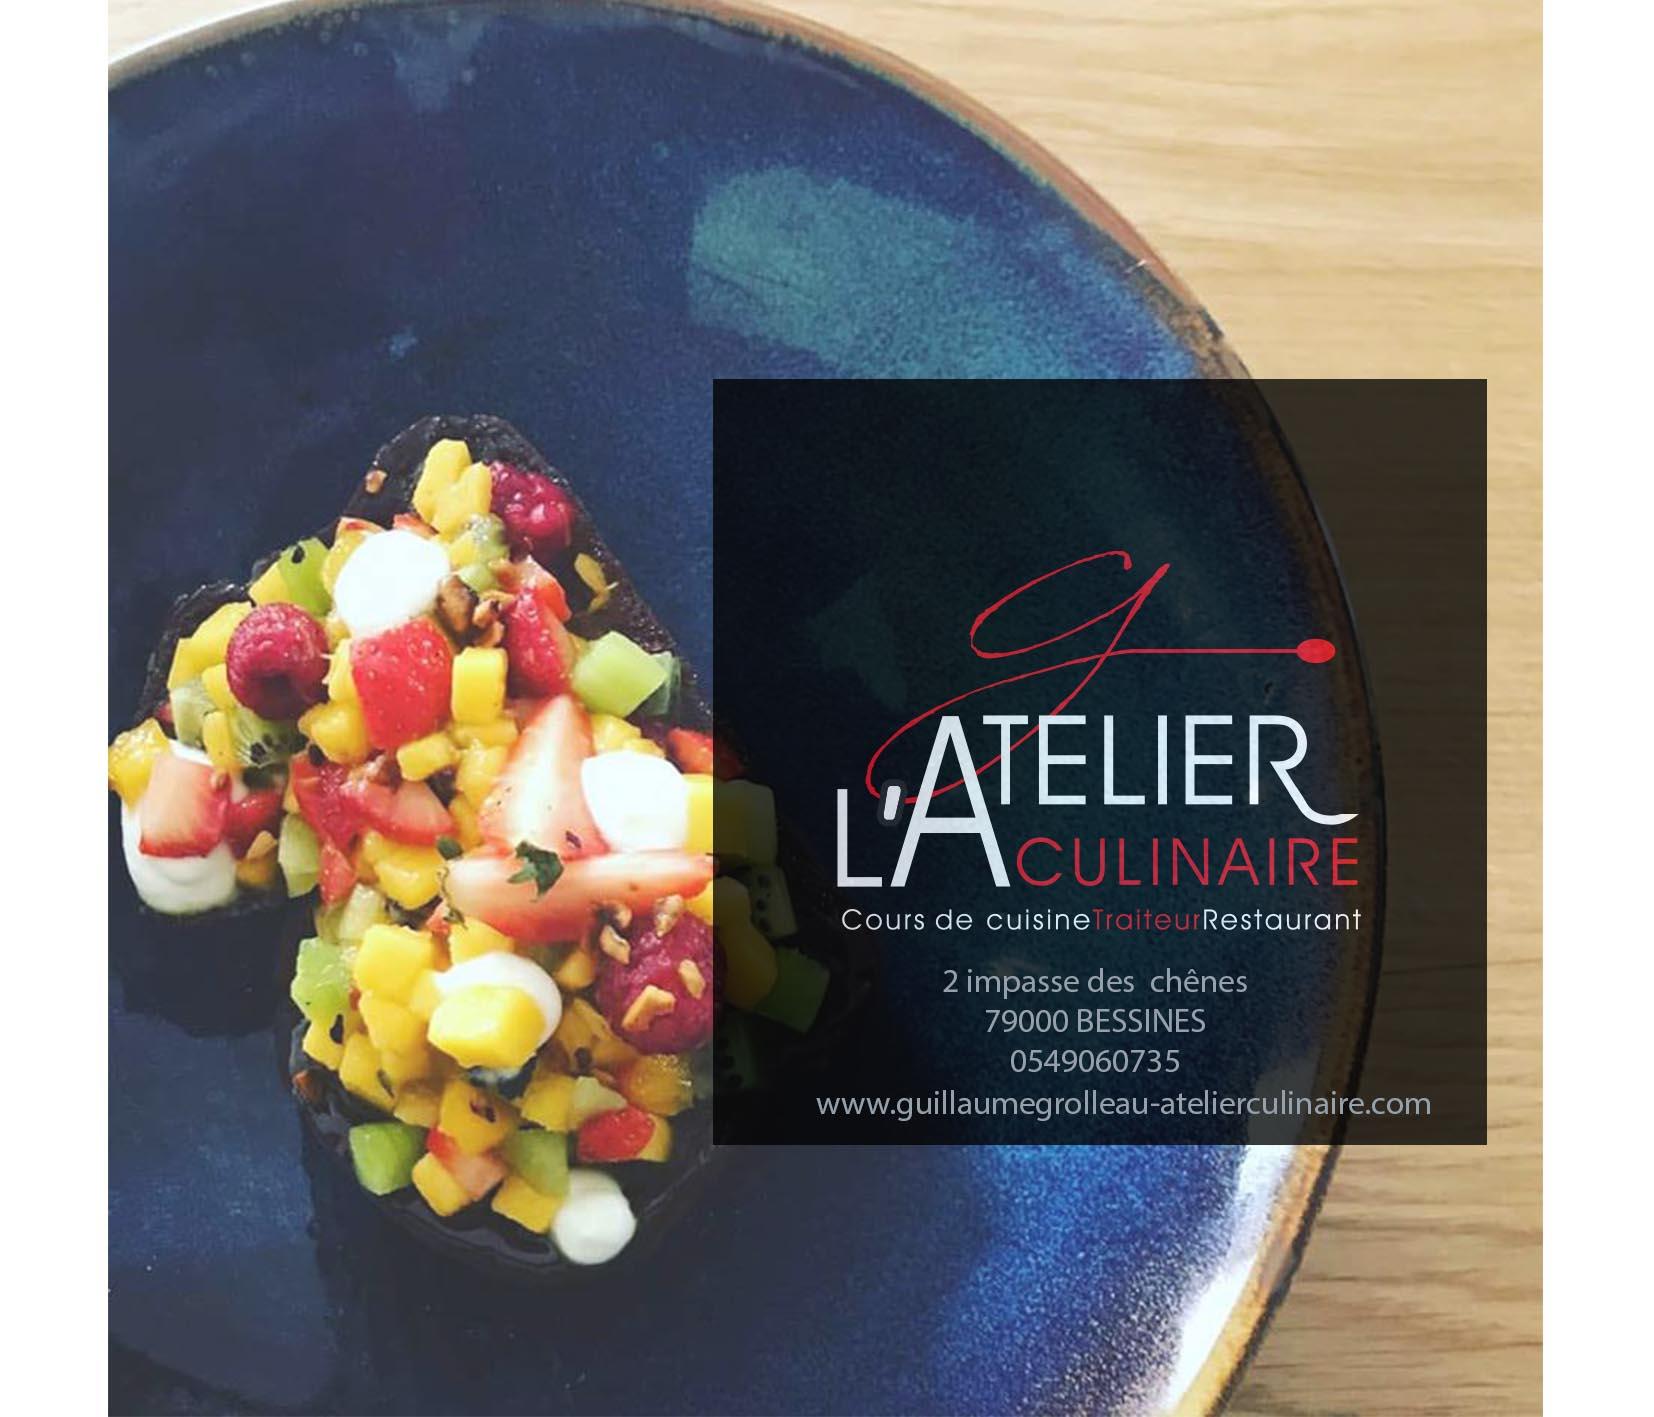 Adhérent L'ATELIER CULINAIRE - photo #15215